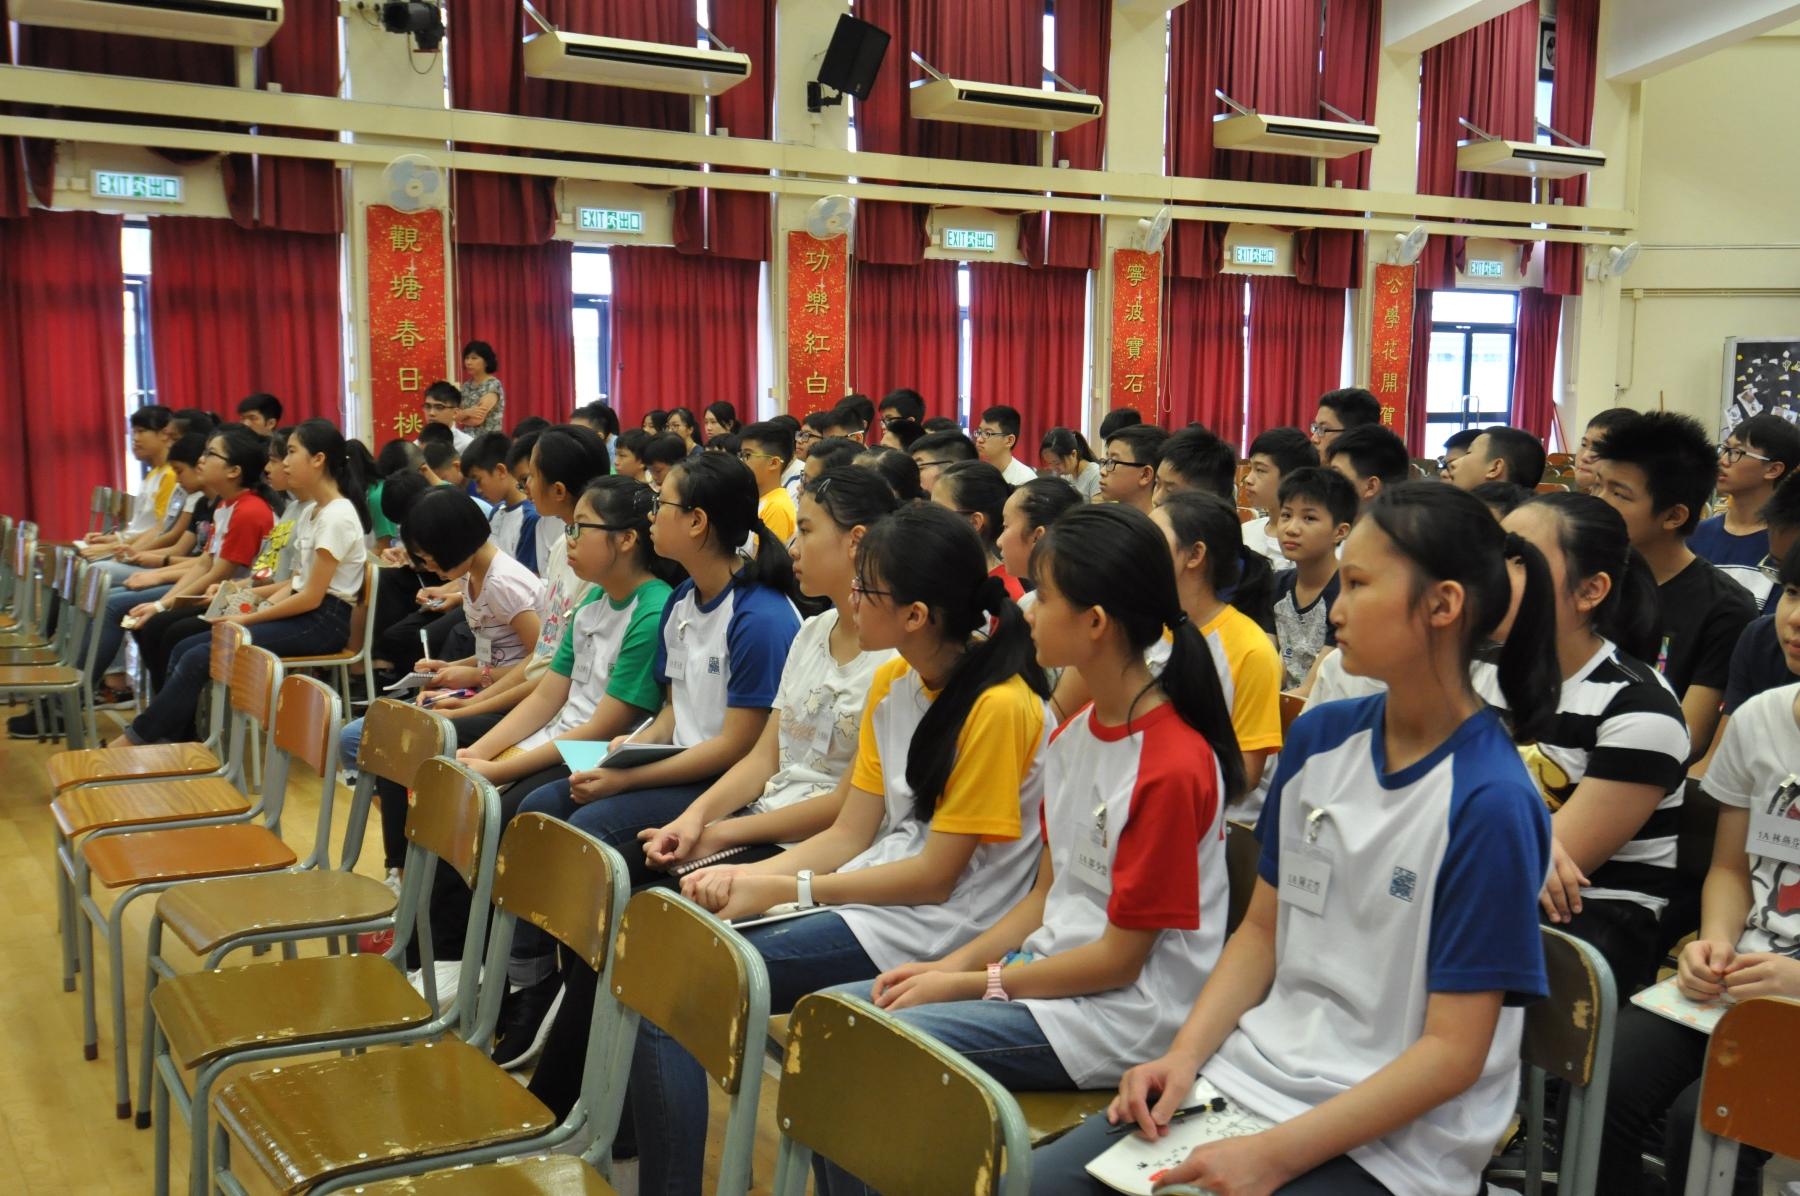 http://www.npc.edu.hk/sites/default/files/ren_shi_zhu_bo_.ren_shi_zi_ji_20170814_04.jpg